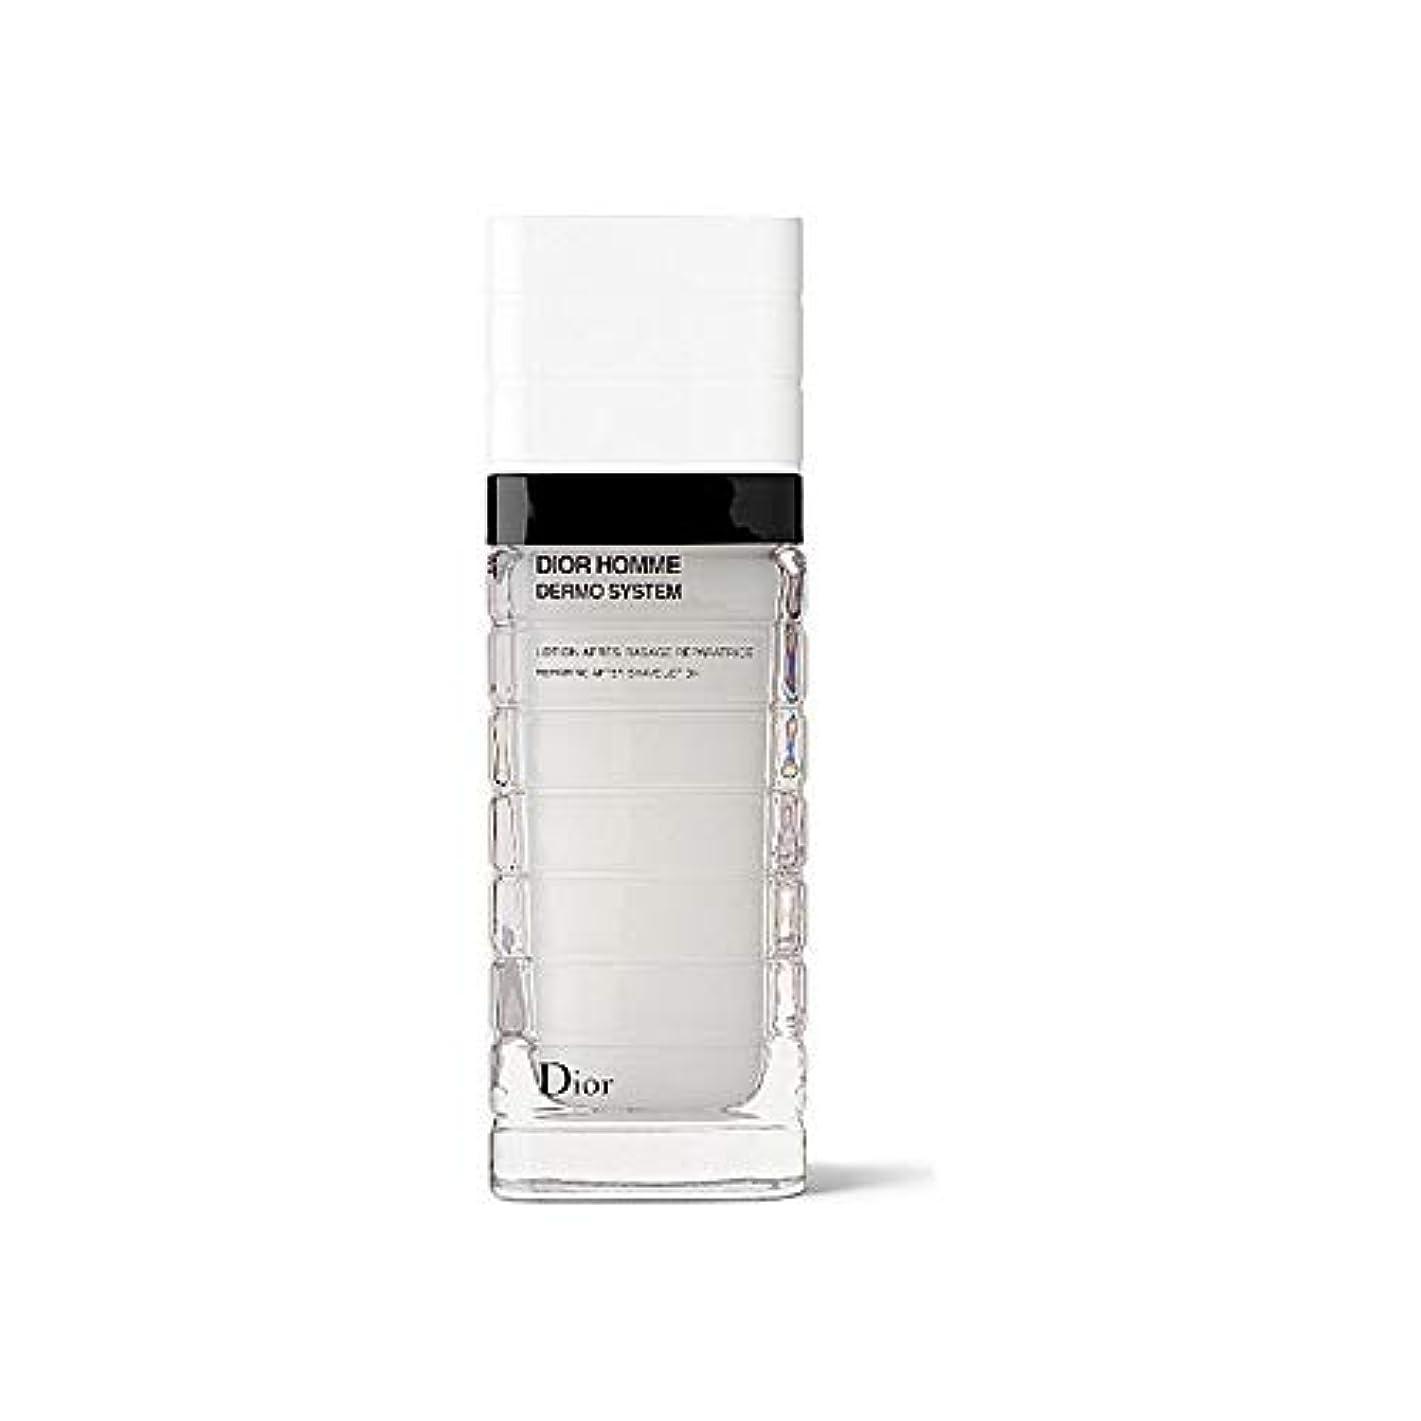 姿勢故意の灰[Dior] ディオールの真皮システムなだめるようなローション100ミリリットル - Dior Dermo System Soothing Lotion 100ml [並行輸入品]